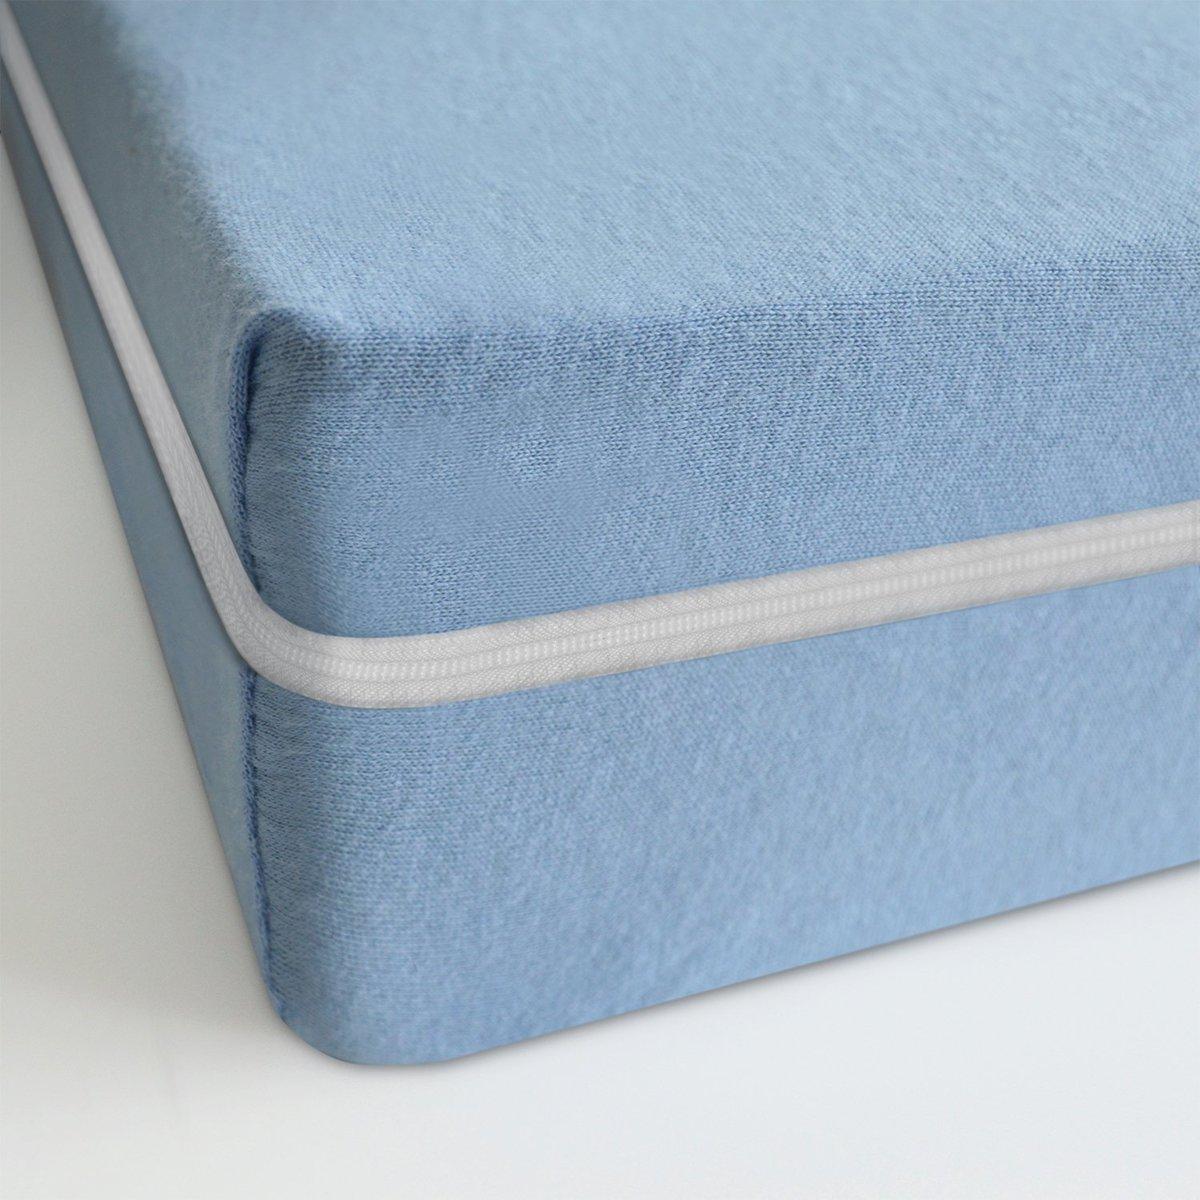 Matras - 70x140 - comfortschuim - goedkope matras - blauw